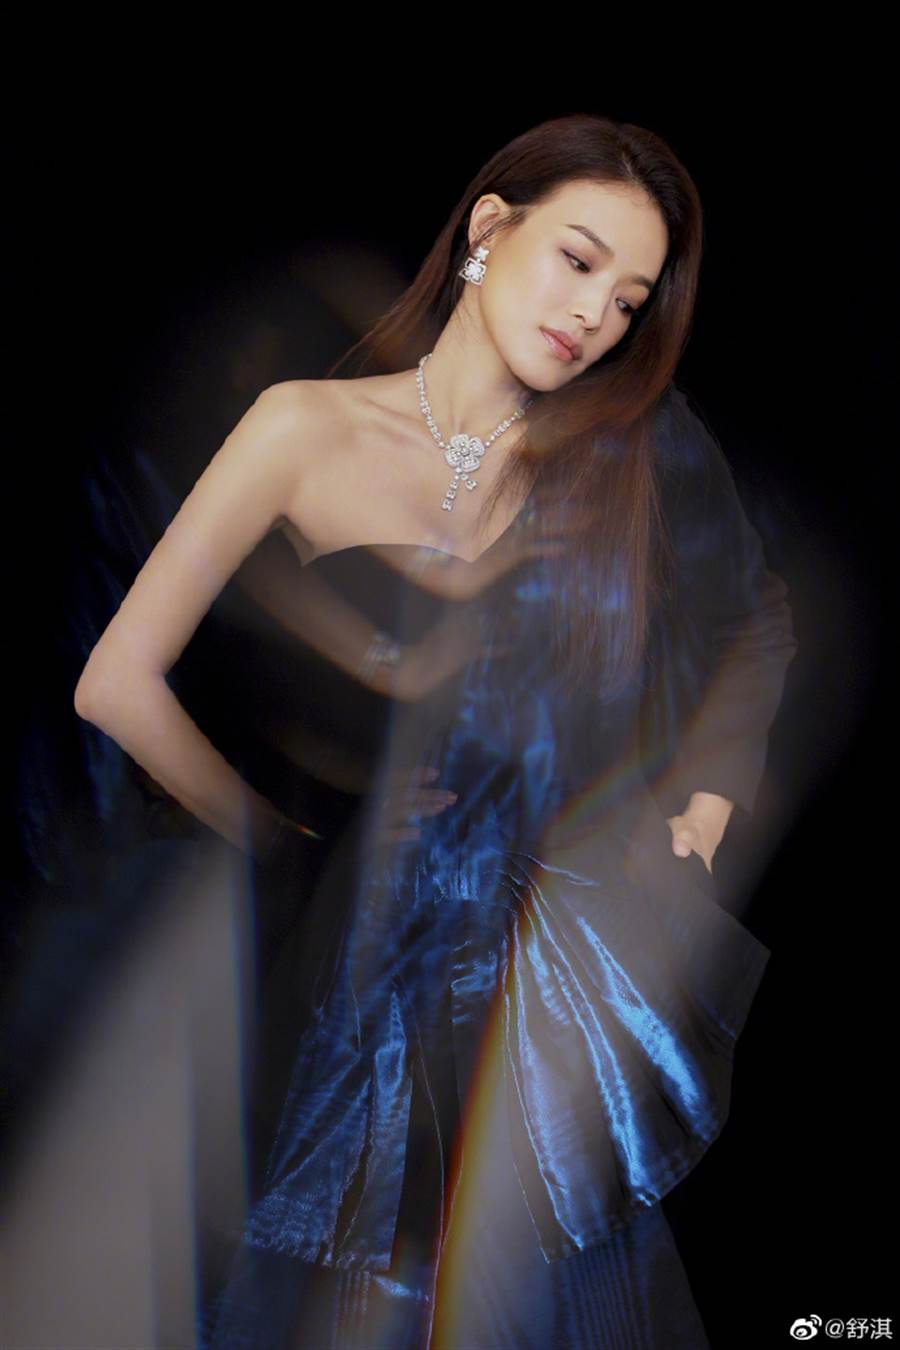 舒淇配戴Fiorever系列頂級珠寶,熱情演繹出八瓣花的甜蜜歡愉與靈動璀璨,點亮 她優雅自信的迷人個性。(圖/翻攝自微博@舒淇)